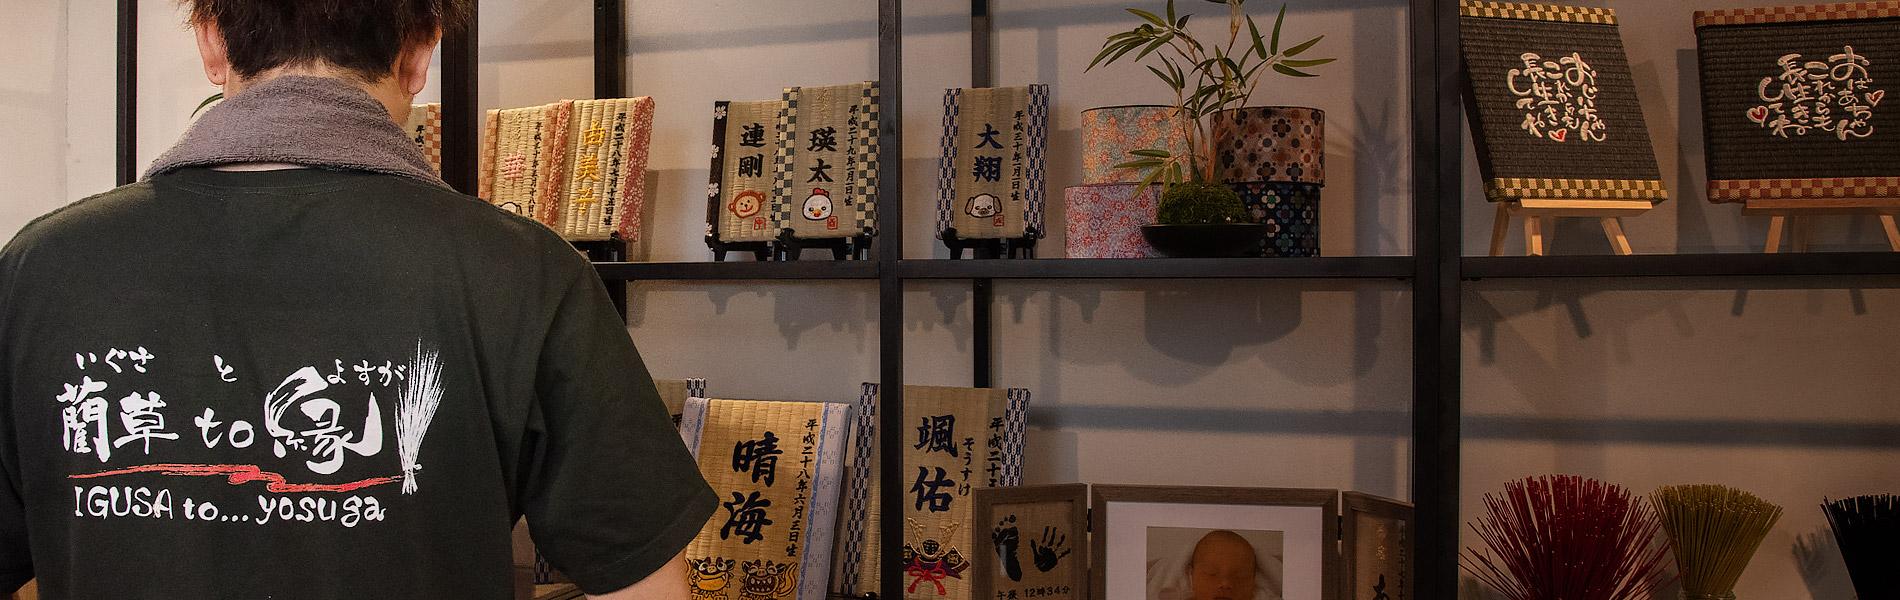 福岡県宇美町 はなまる工房は、畳に刺繍で想いを刻みます。